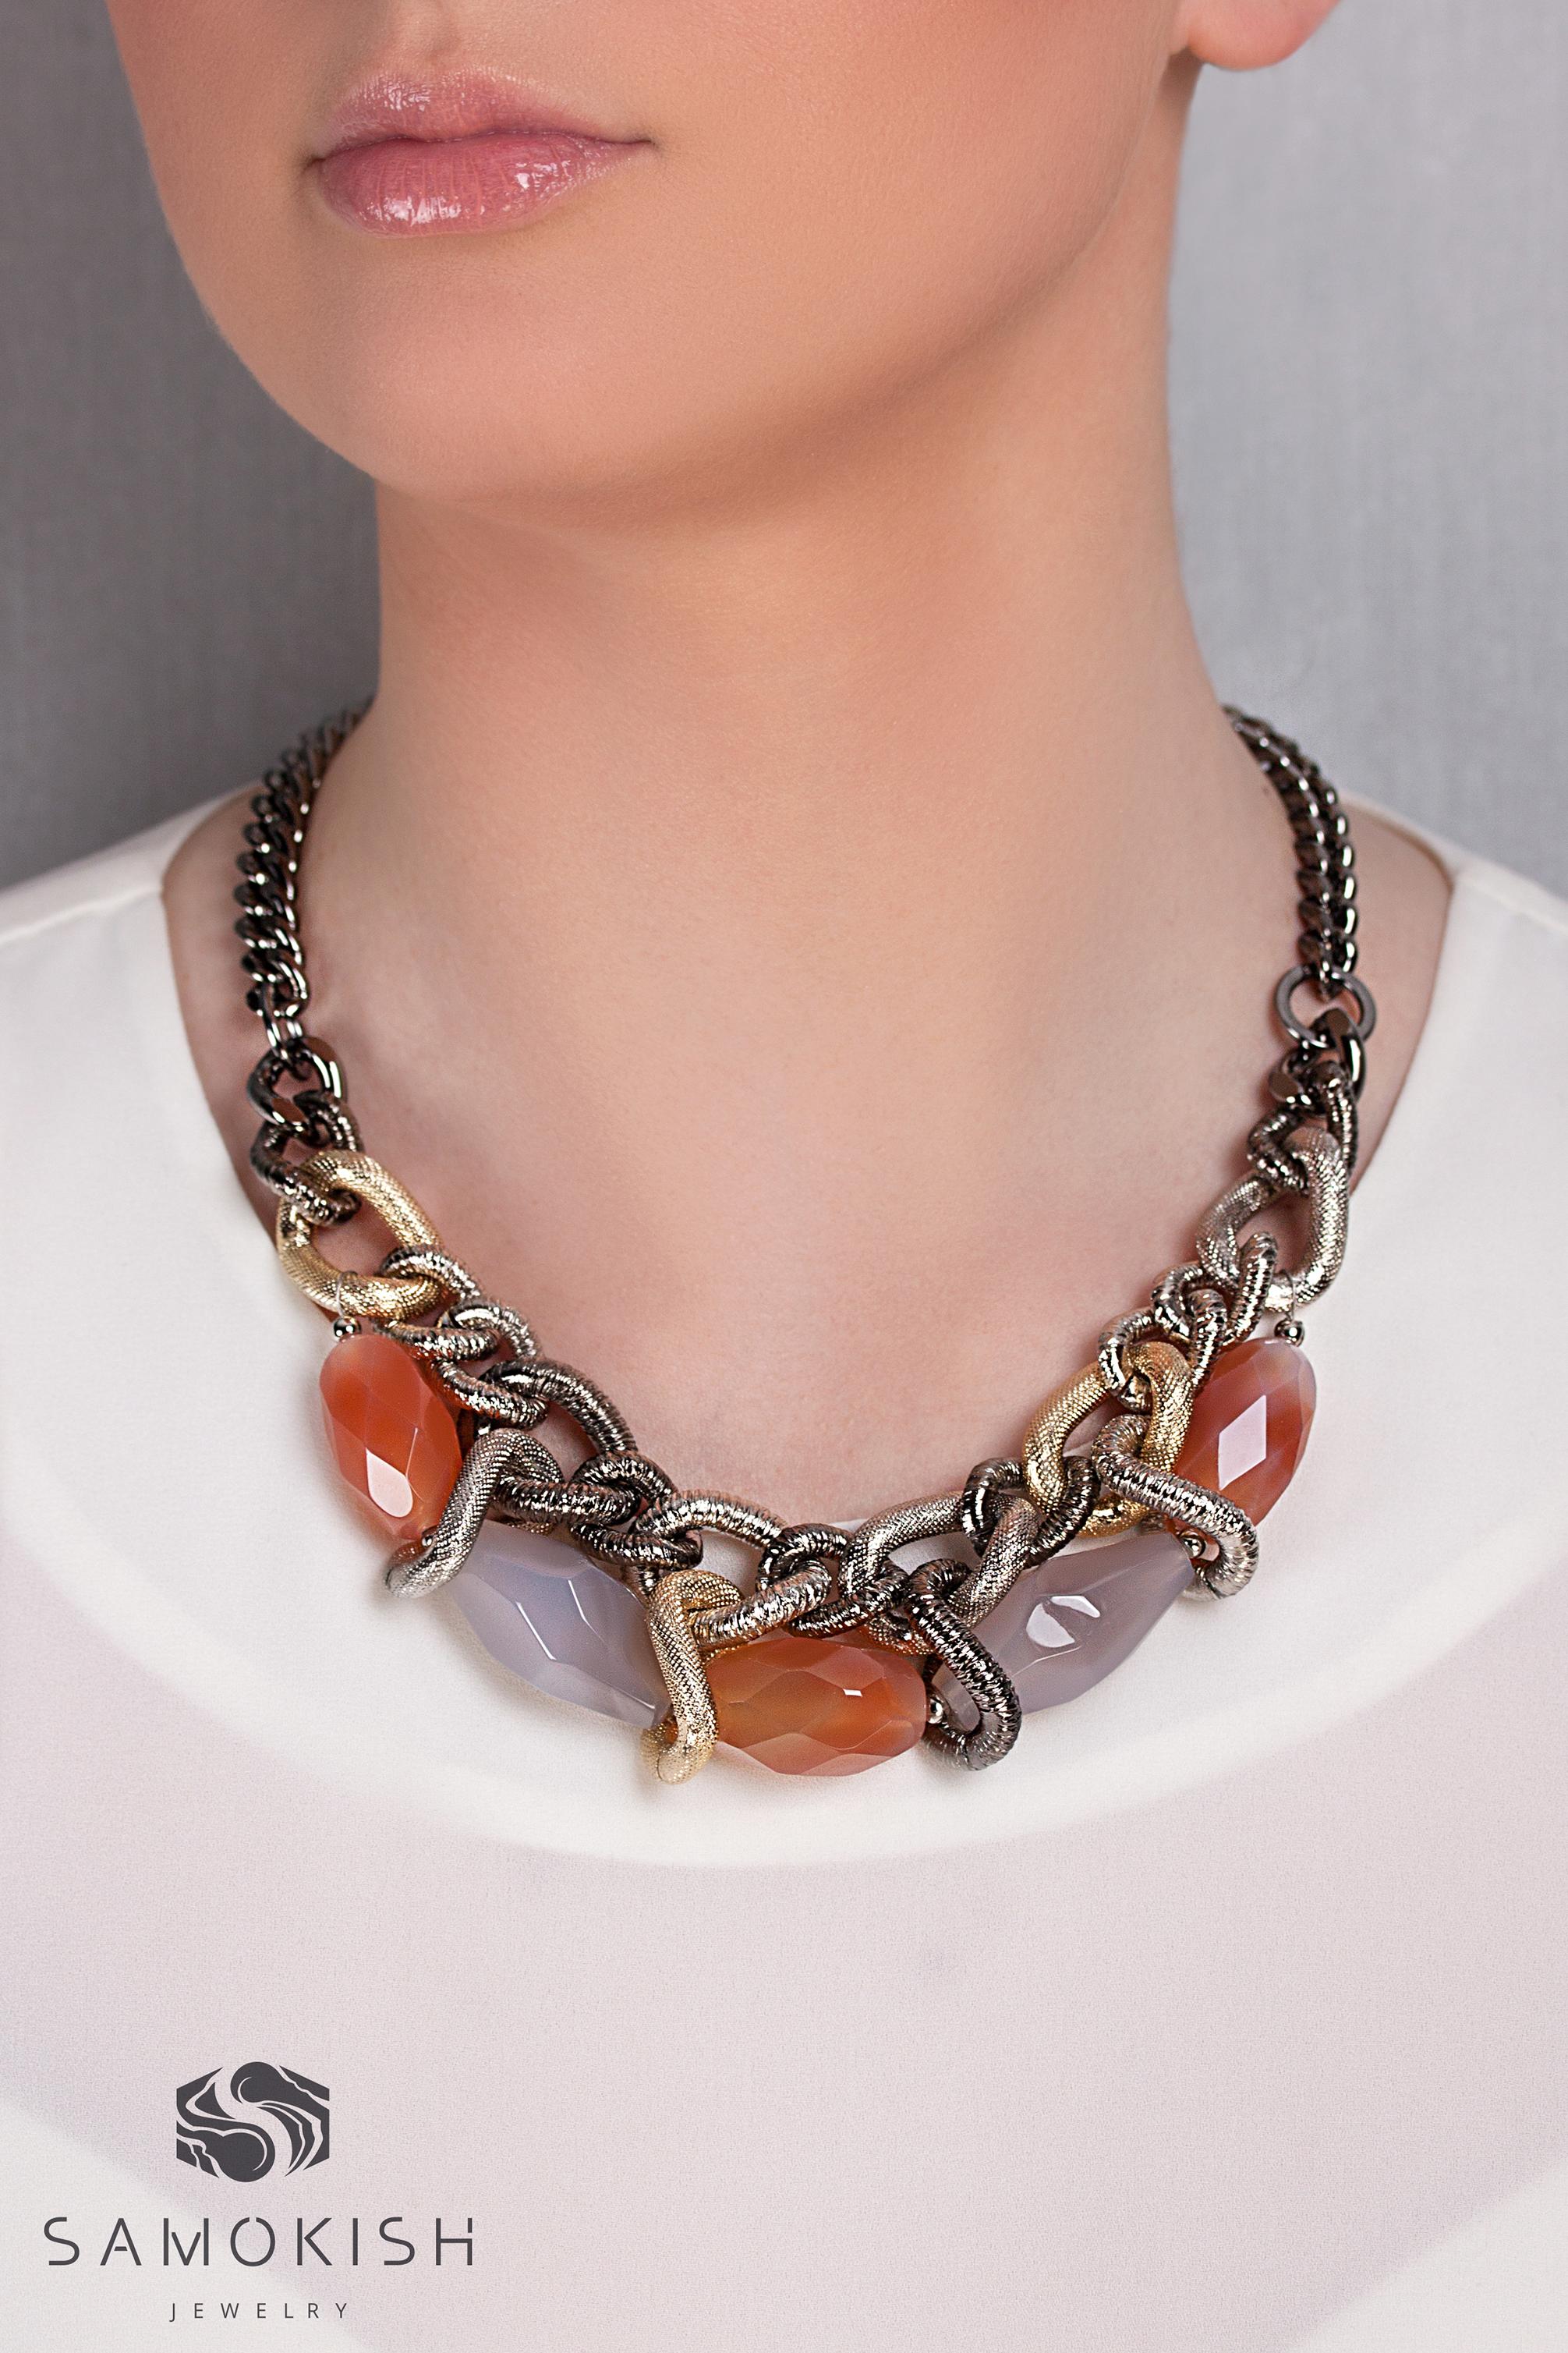 Колье Quattro djus с агатами и сердоликами. Прекрасно дополнит ваш образ и подчеркнет индивидуальность! Заказать: +38 096 159 159 5  samokishjewelry@gmail.com #samokish #jewelry #necklaces #украшения #мода #стиль